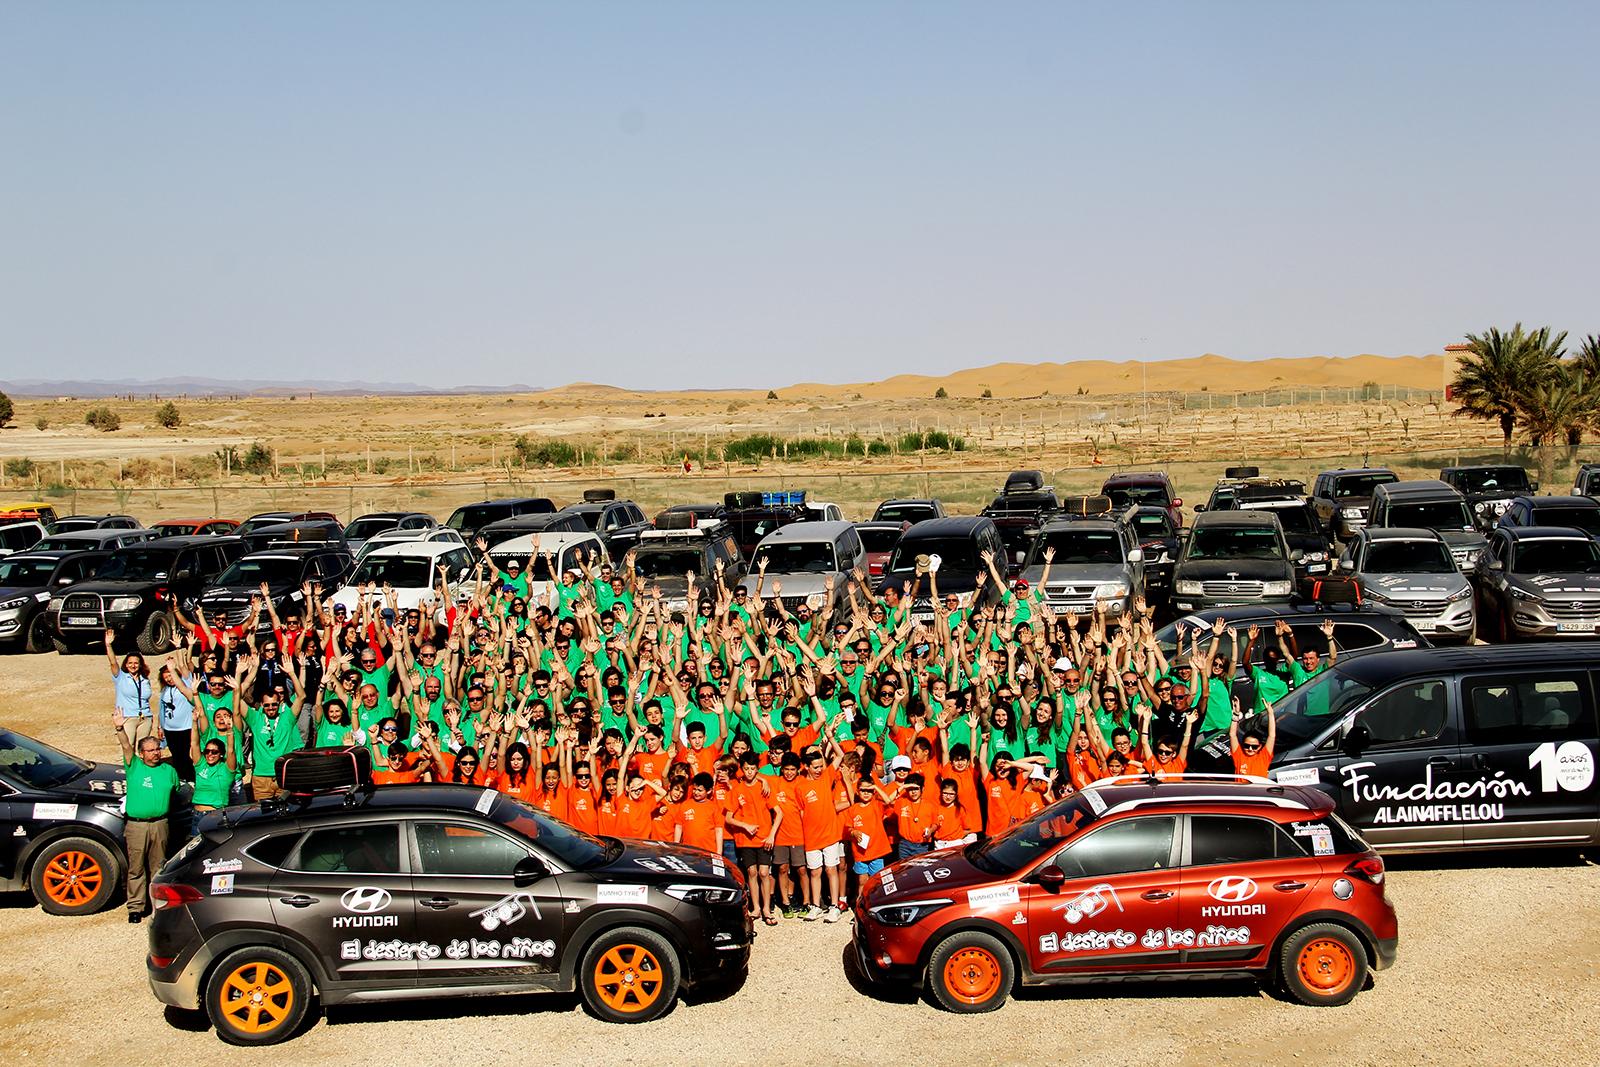 Hyundai en El Desierto de los Niños